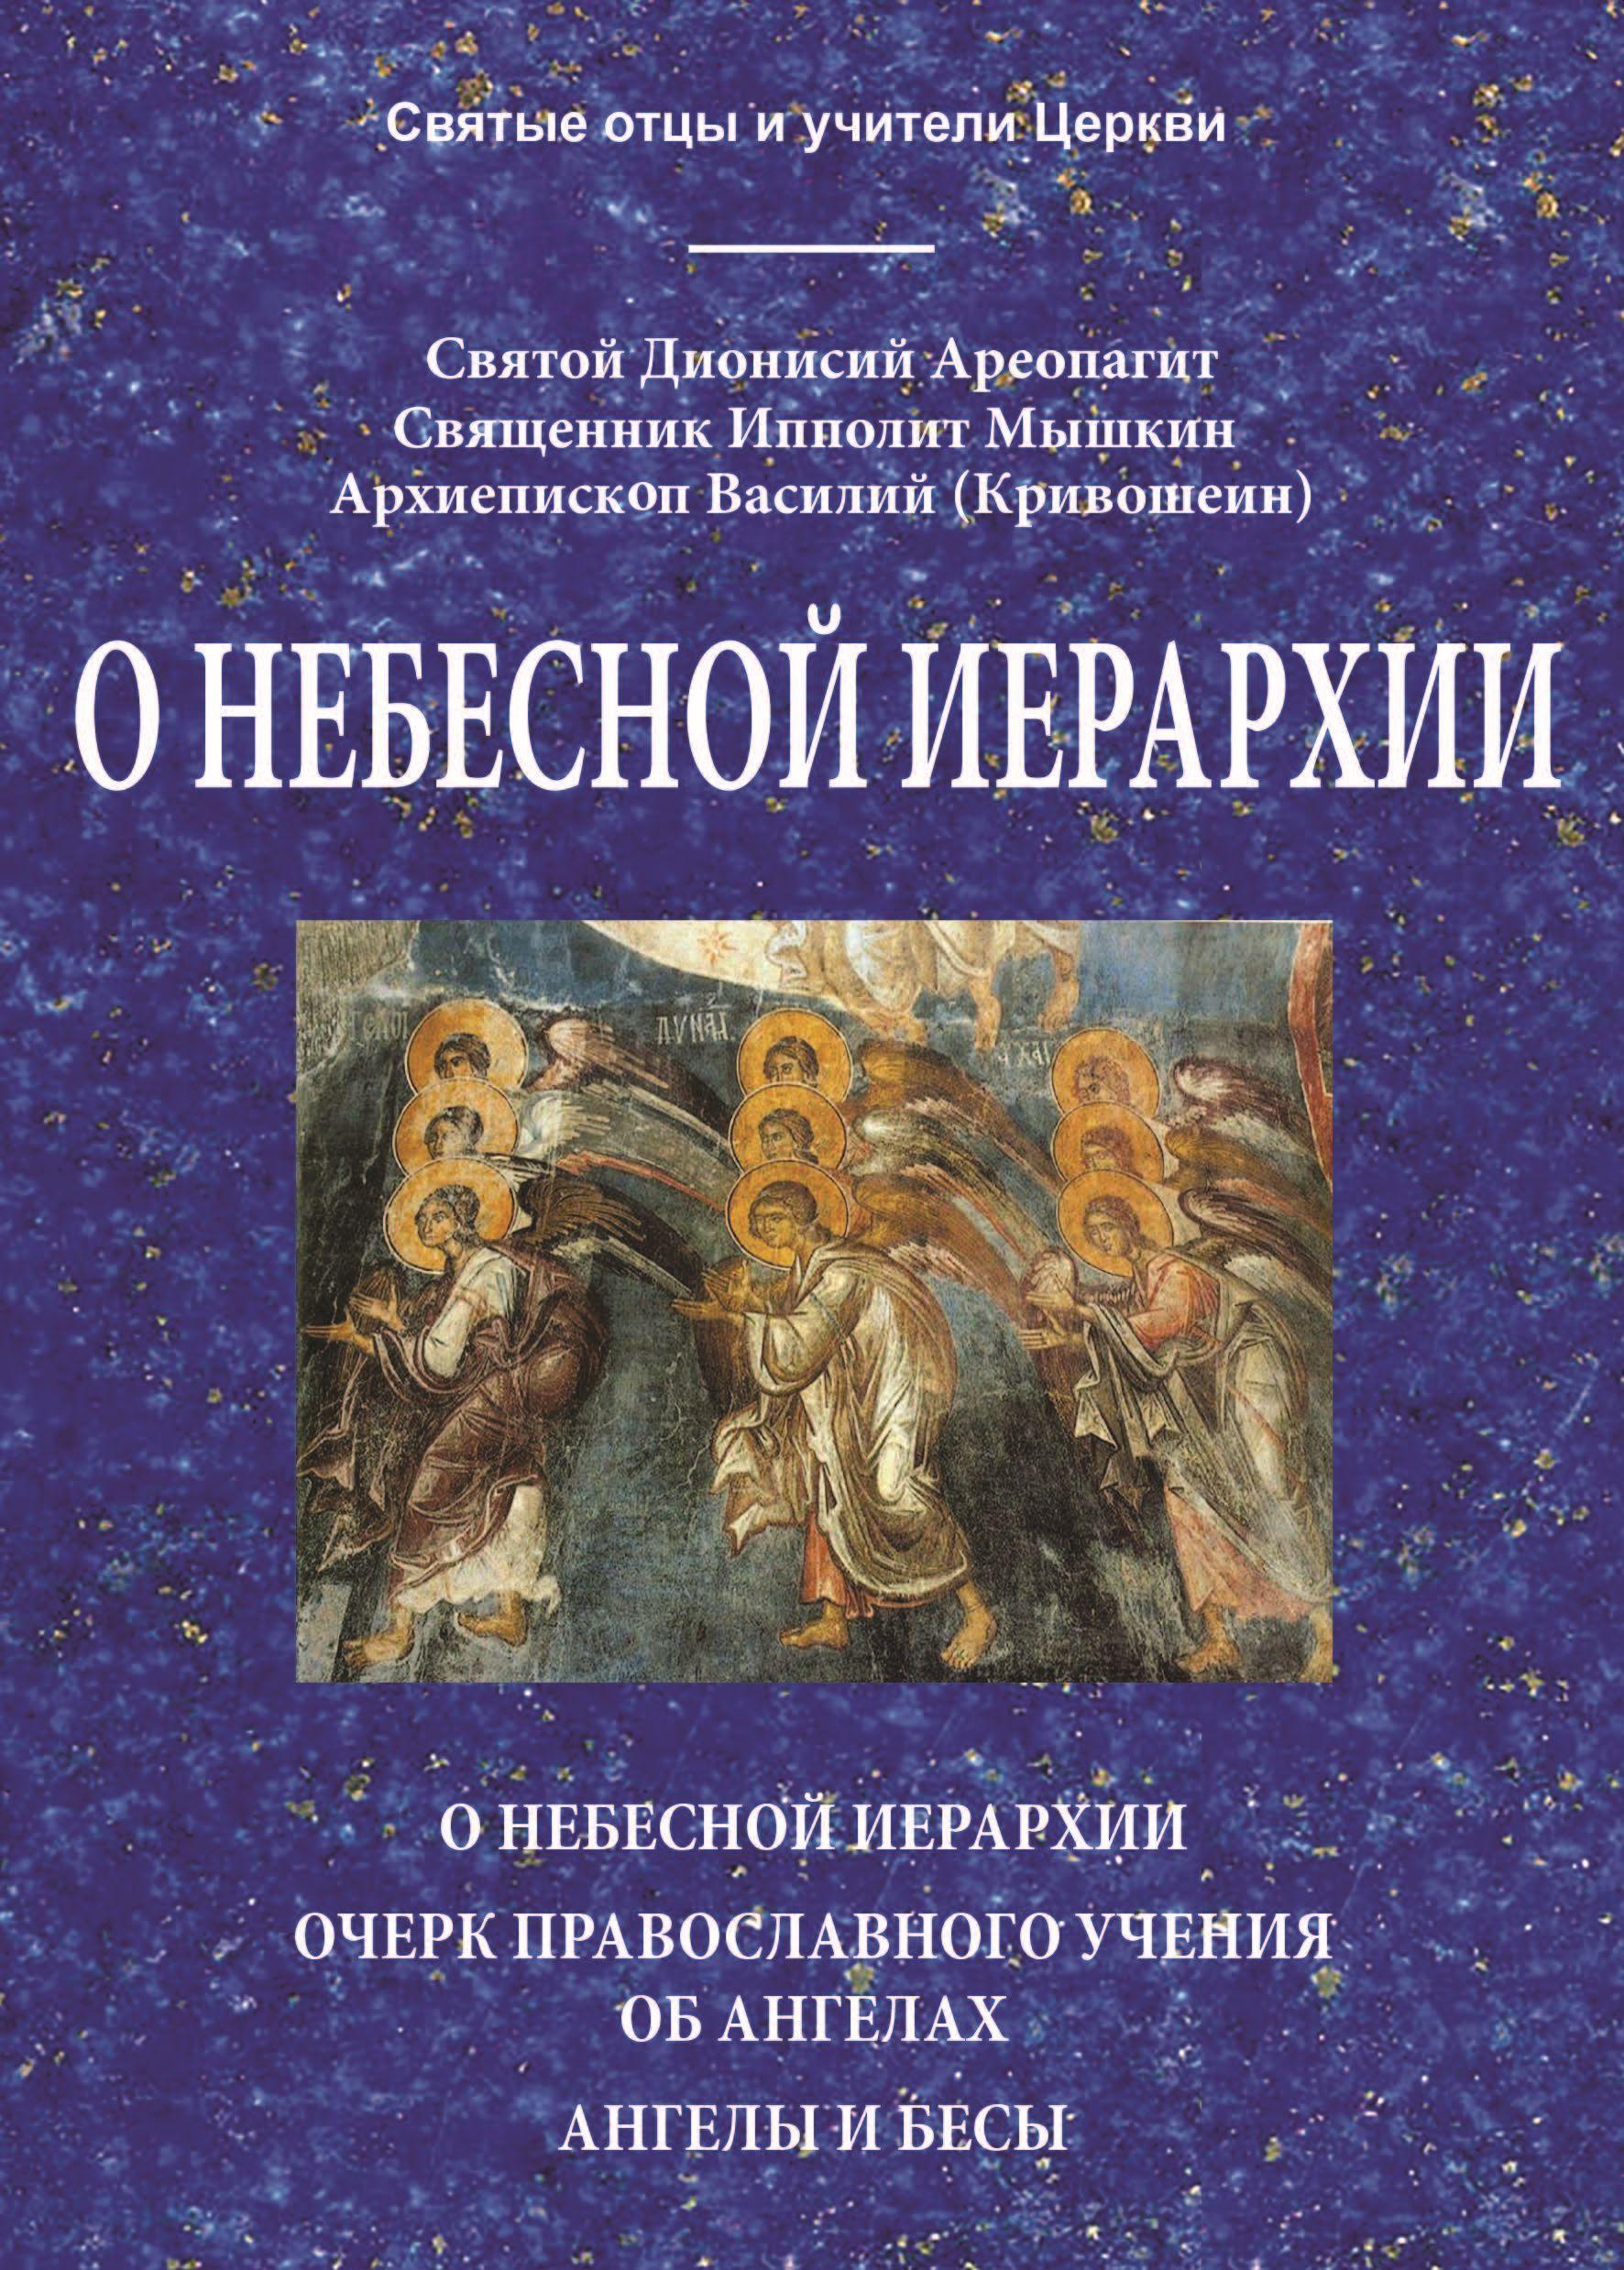 Купить книгу О небесной иерархии, автора